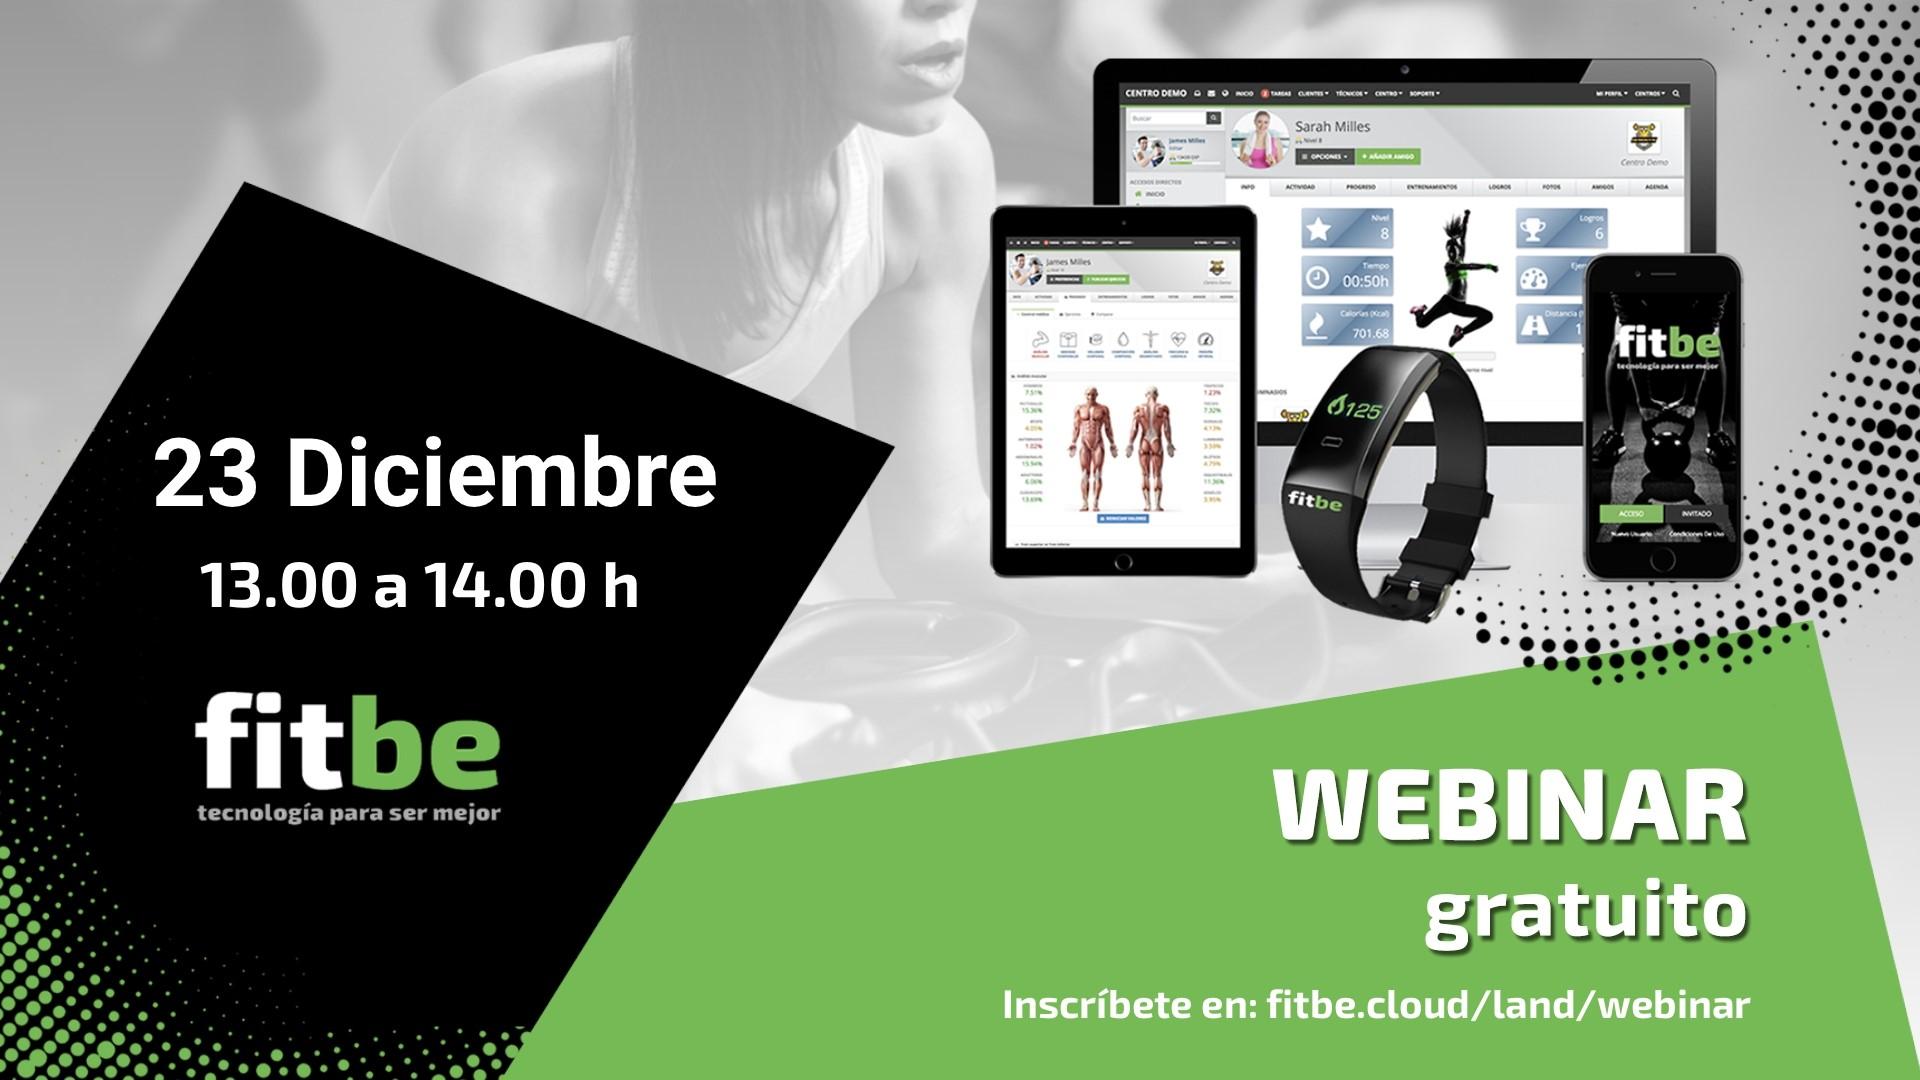 Fitbe organiza un webinar gratuito sobre nuevas funcionalidades